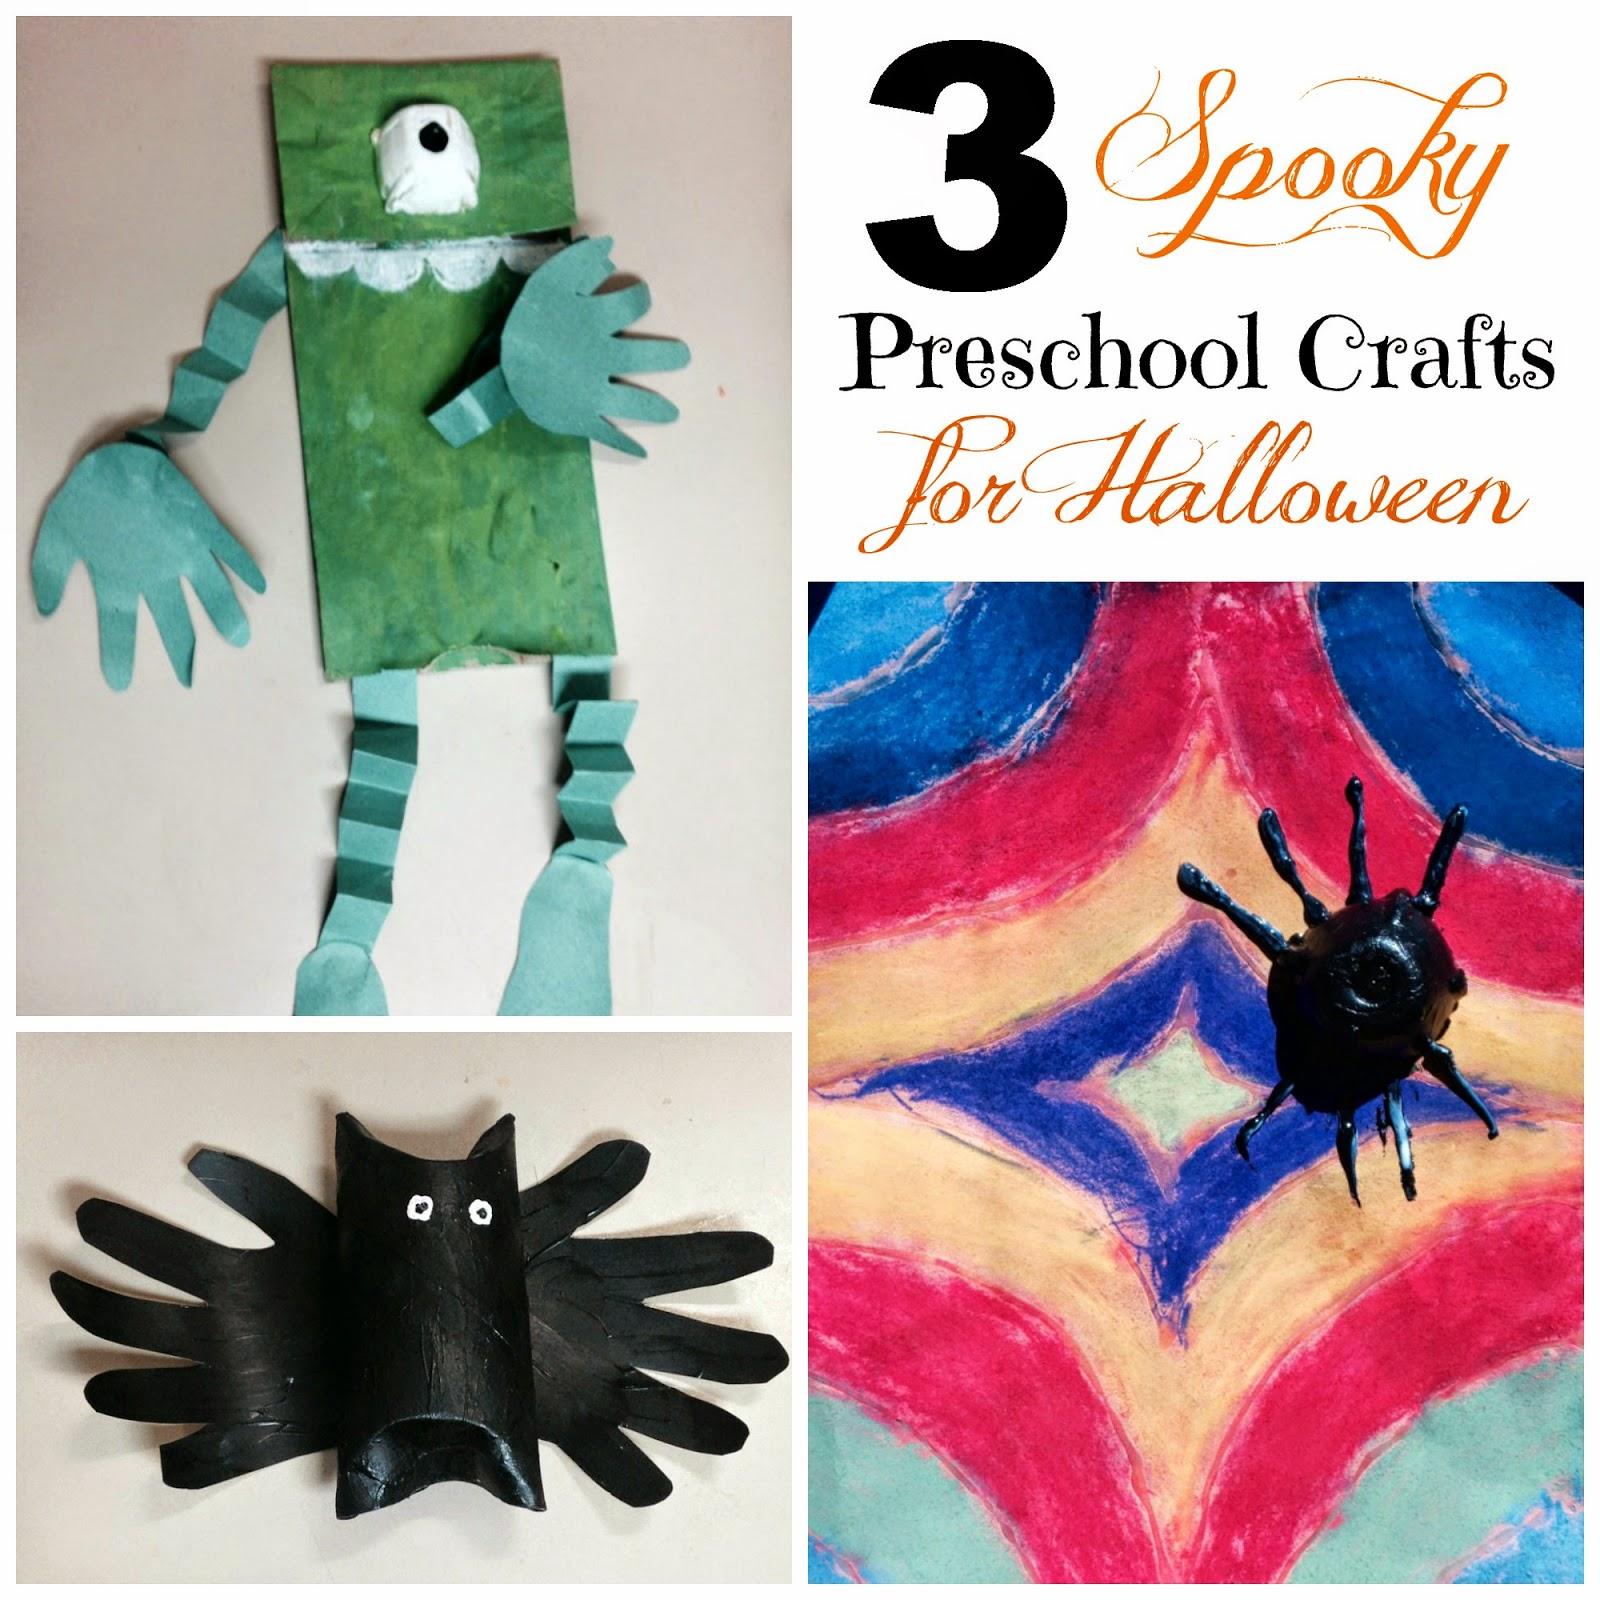 3 Spooky Preschool Crafts For Halloween